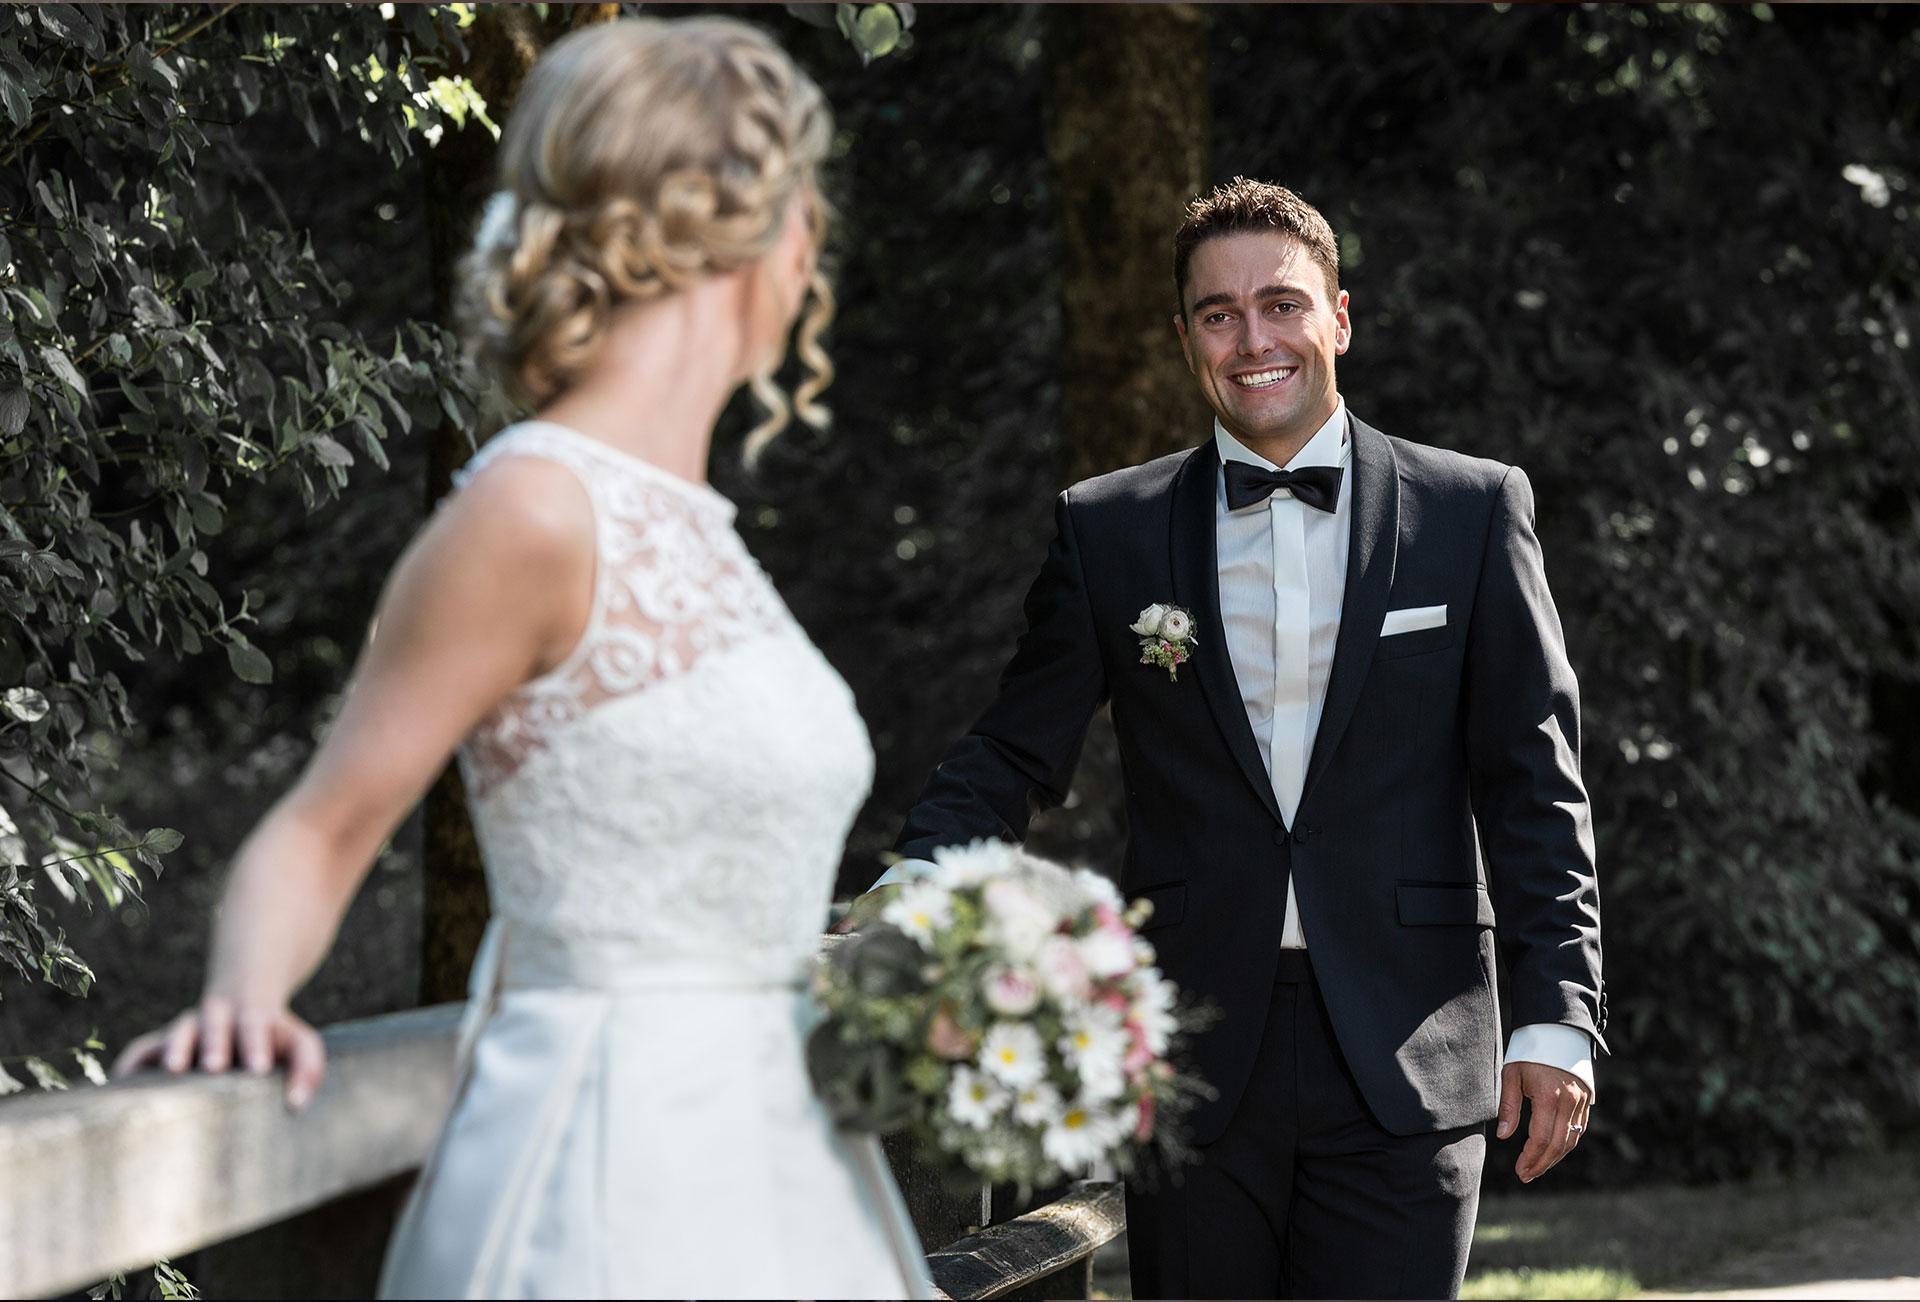 Hochzeitsfotografie, Hochzeitsreportage, Hochzeitsportraits